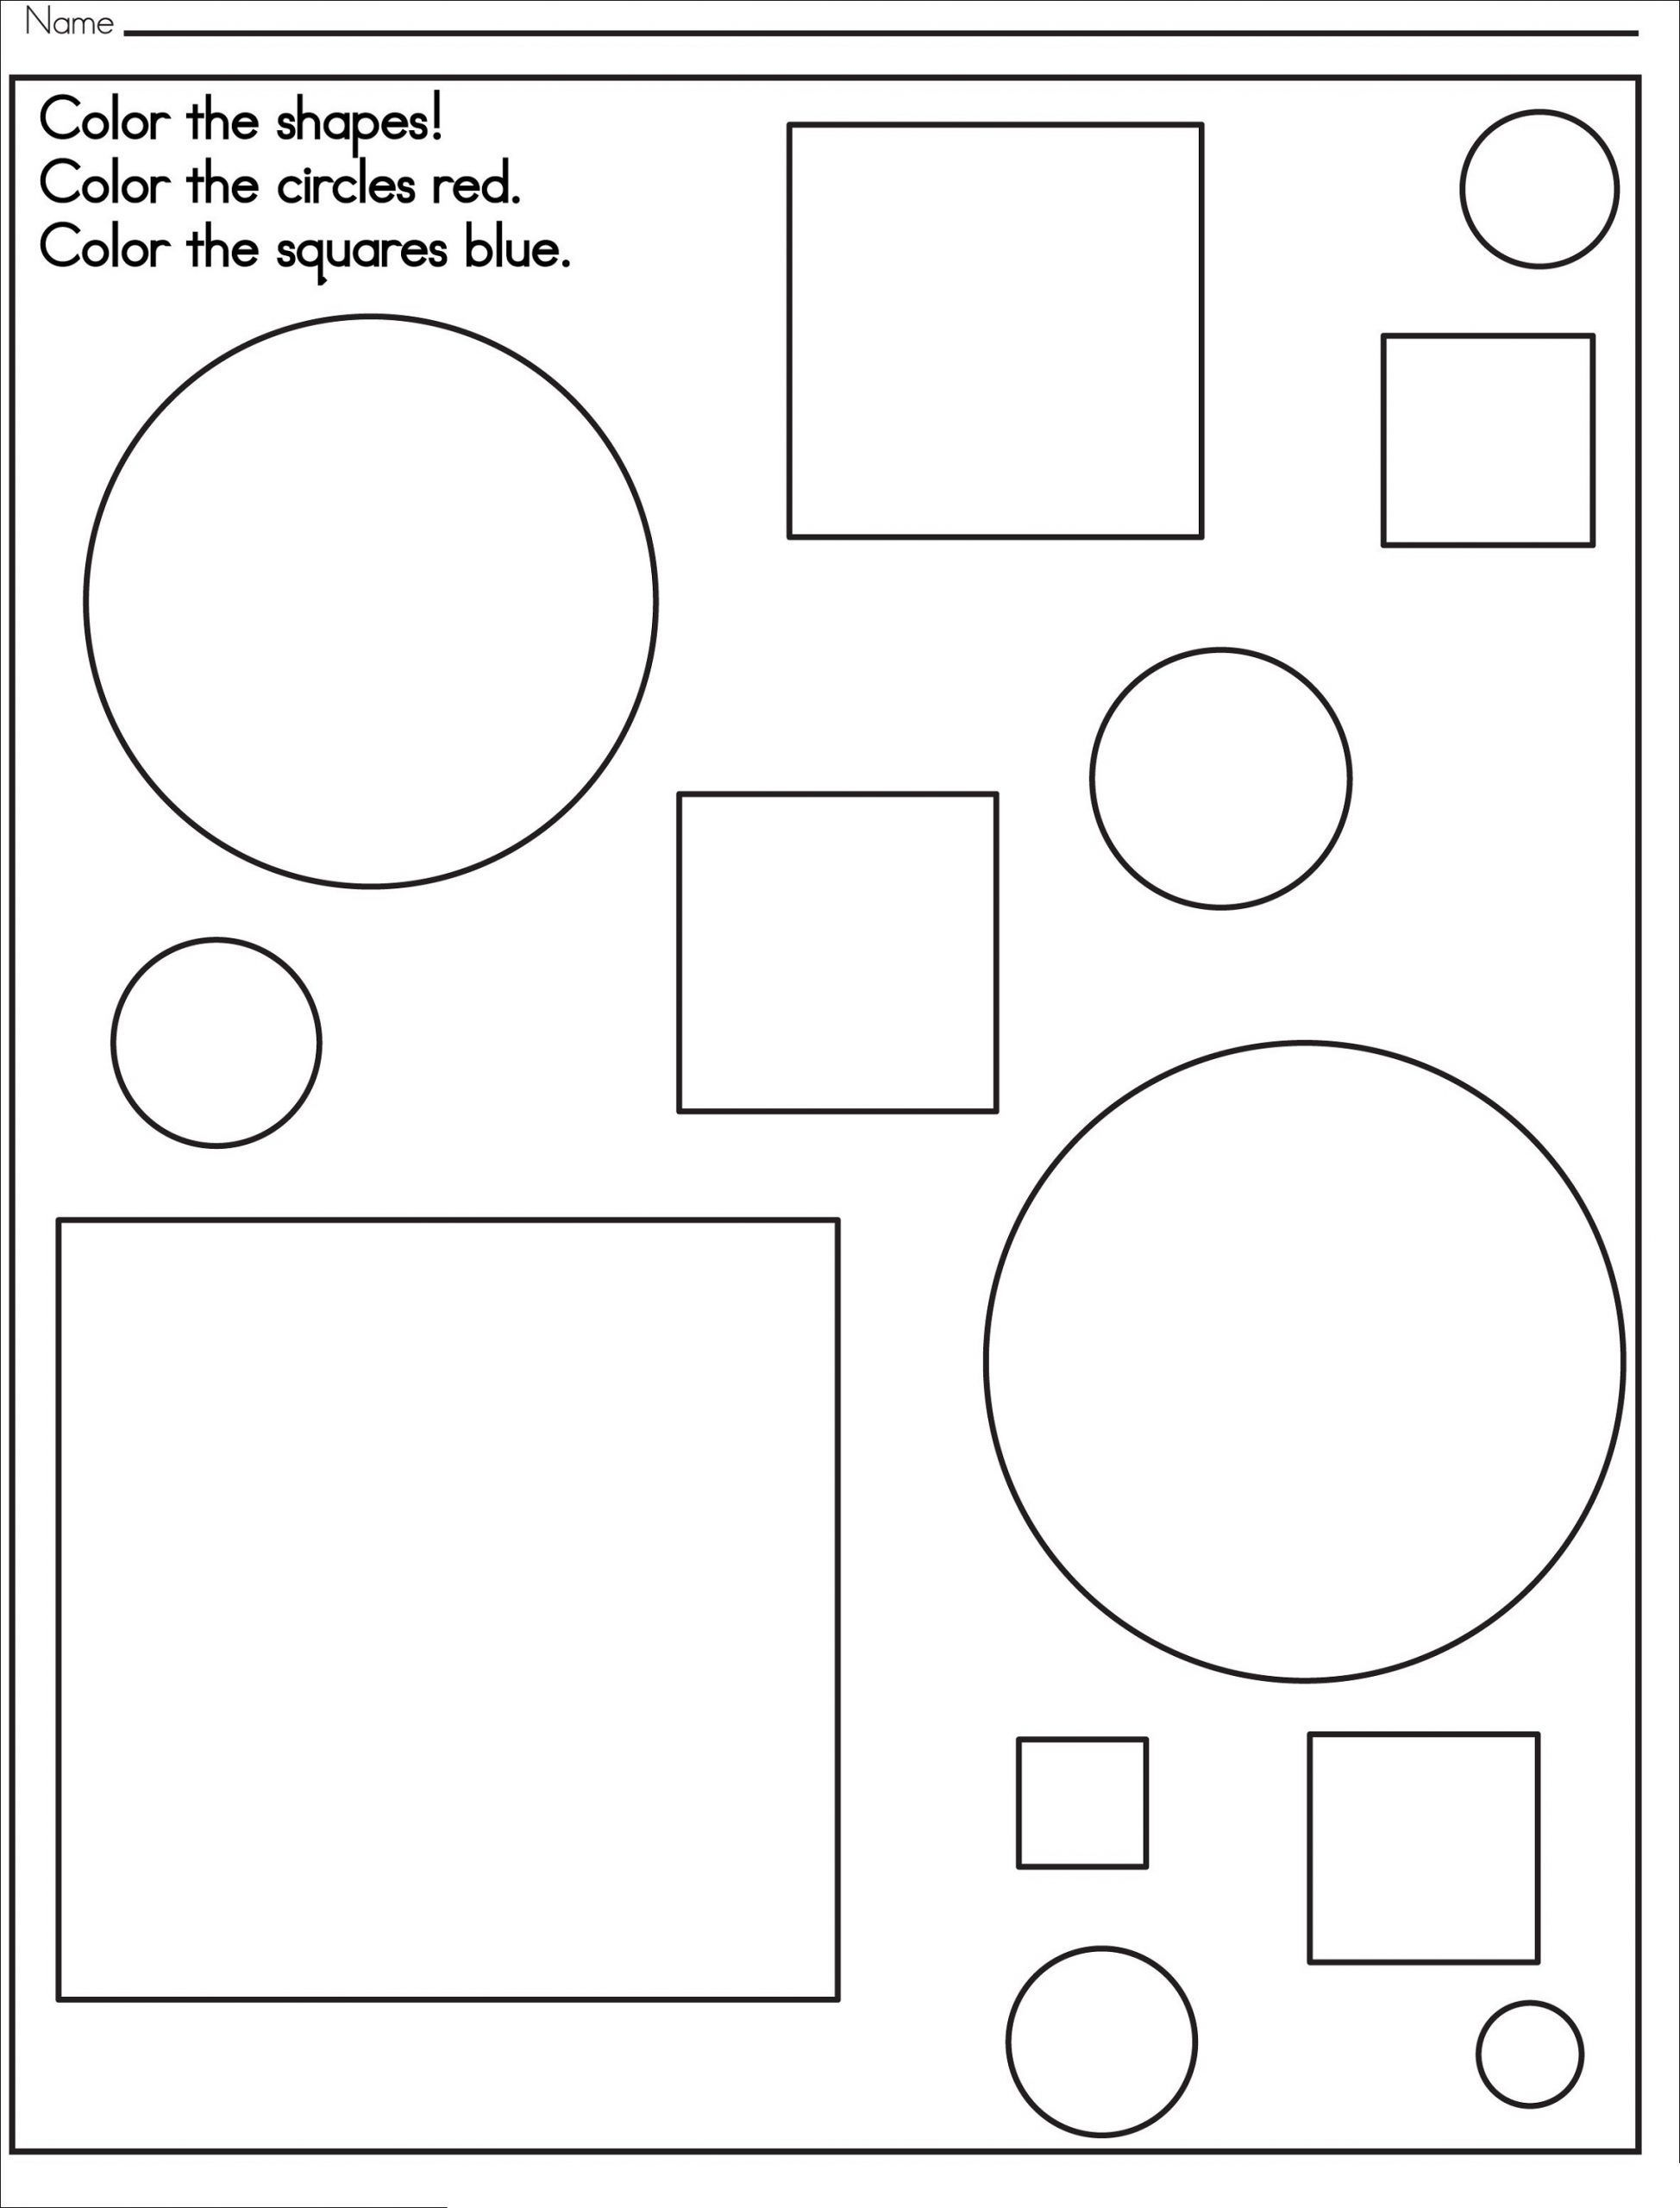 Color The Shapes Worksheet in 2020 Shapes worksheets